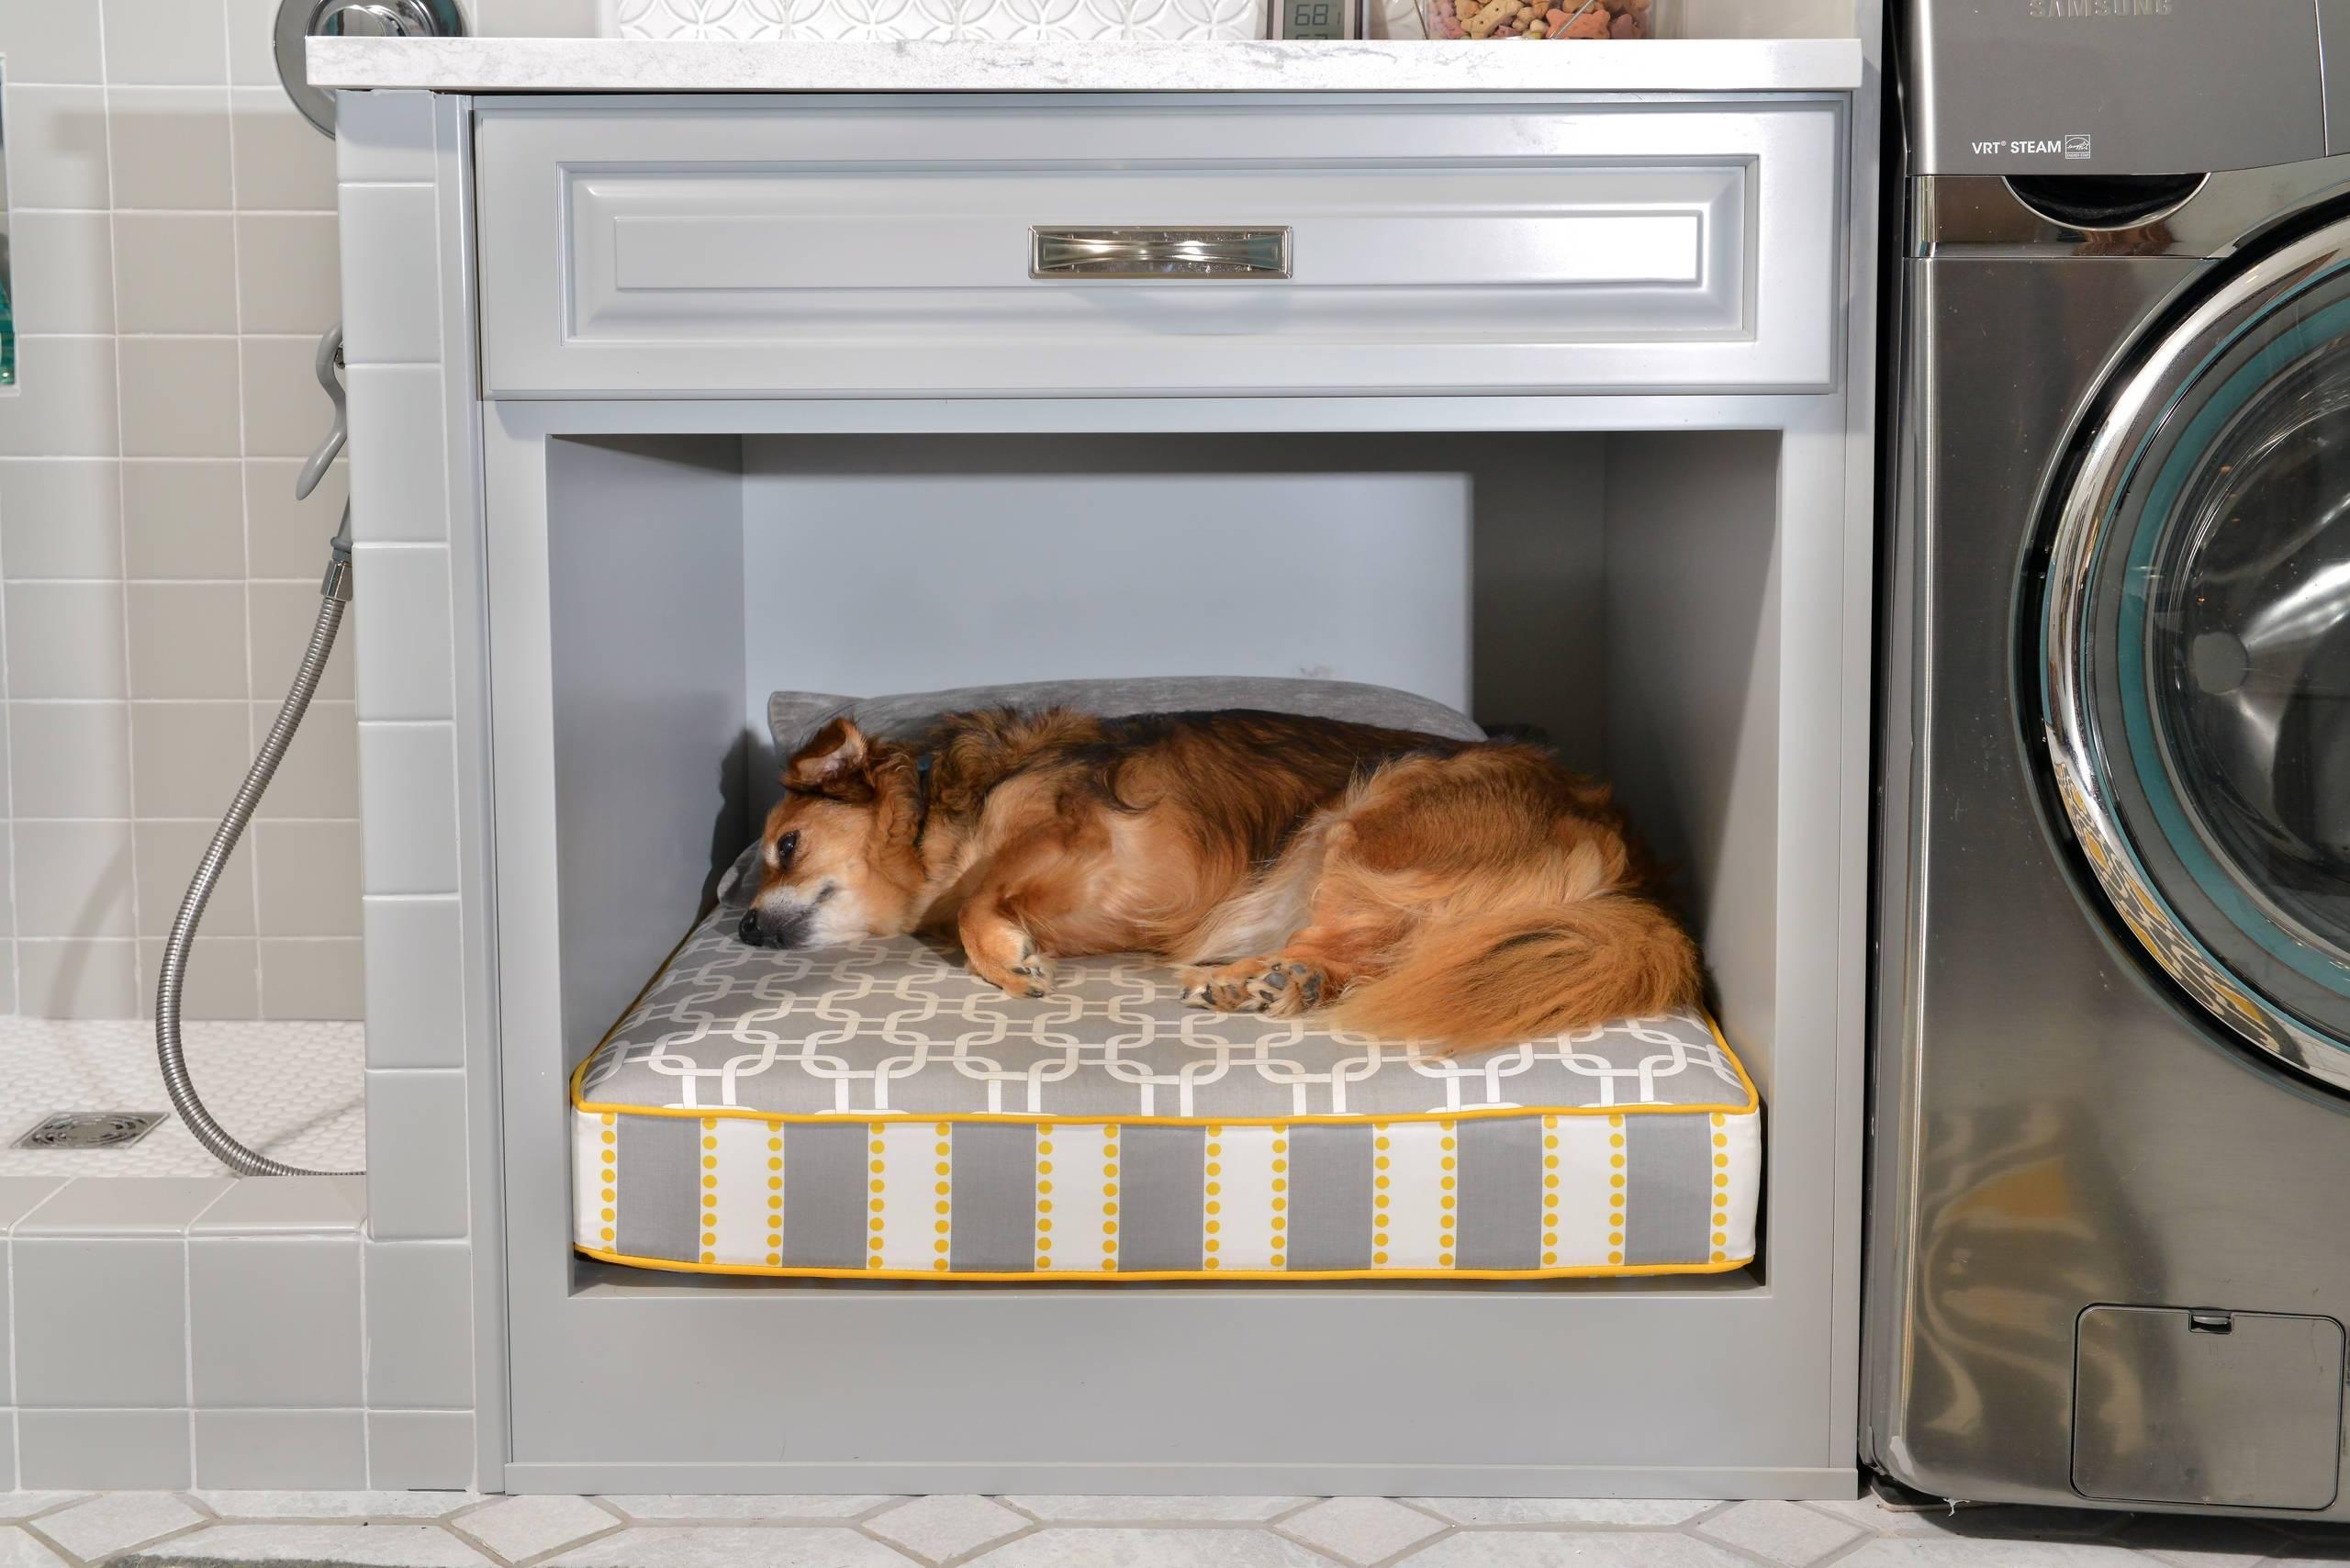 Документы ркф на собаку: что это, какие обязательные, зачем нужны